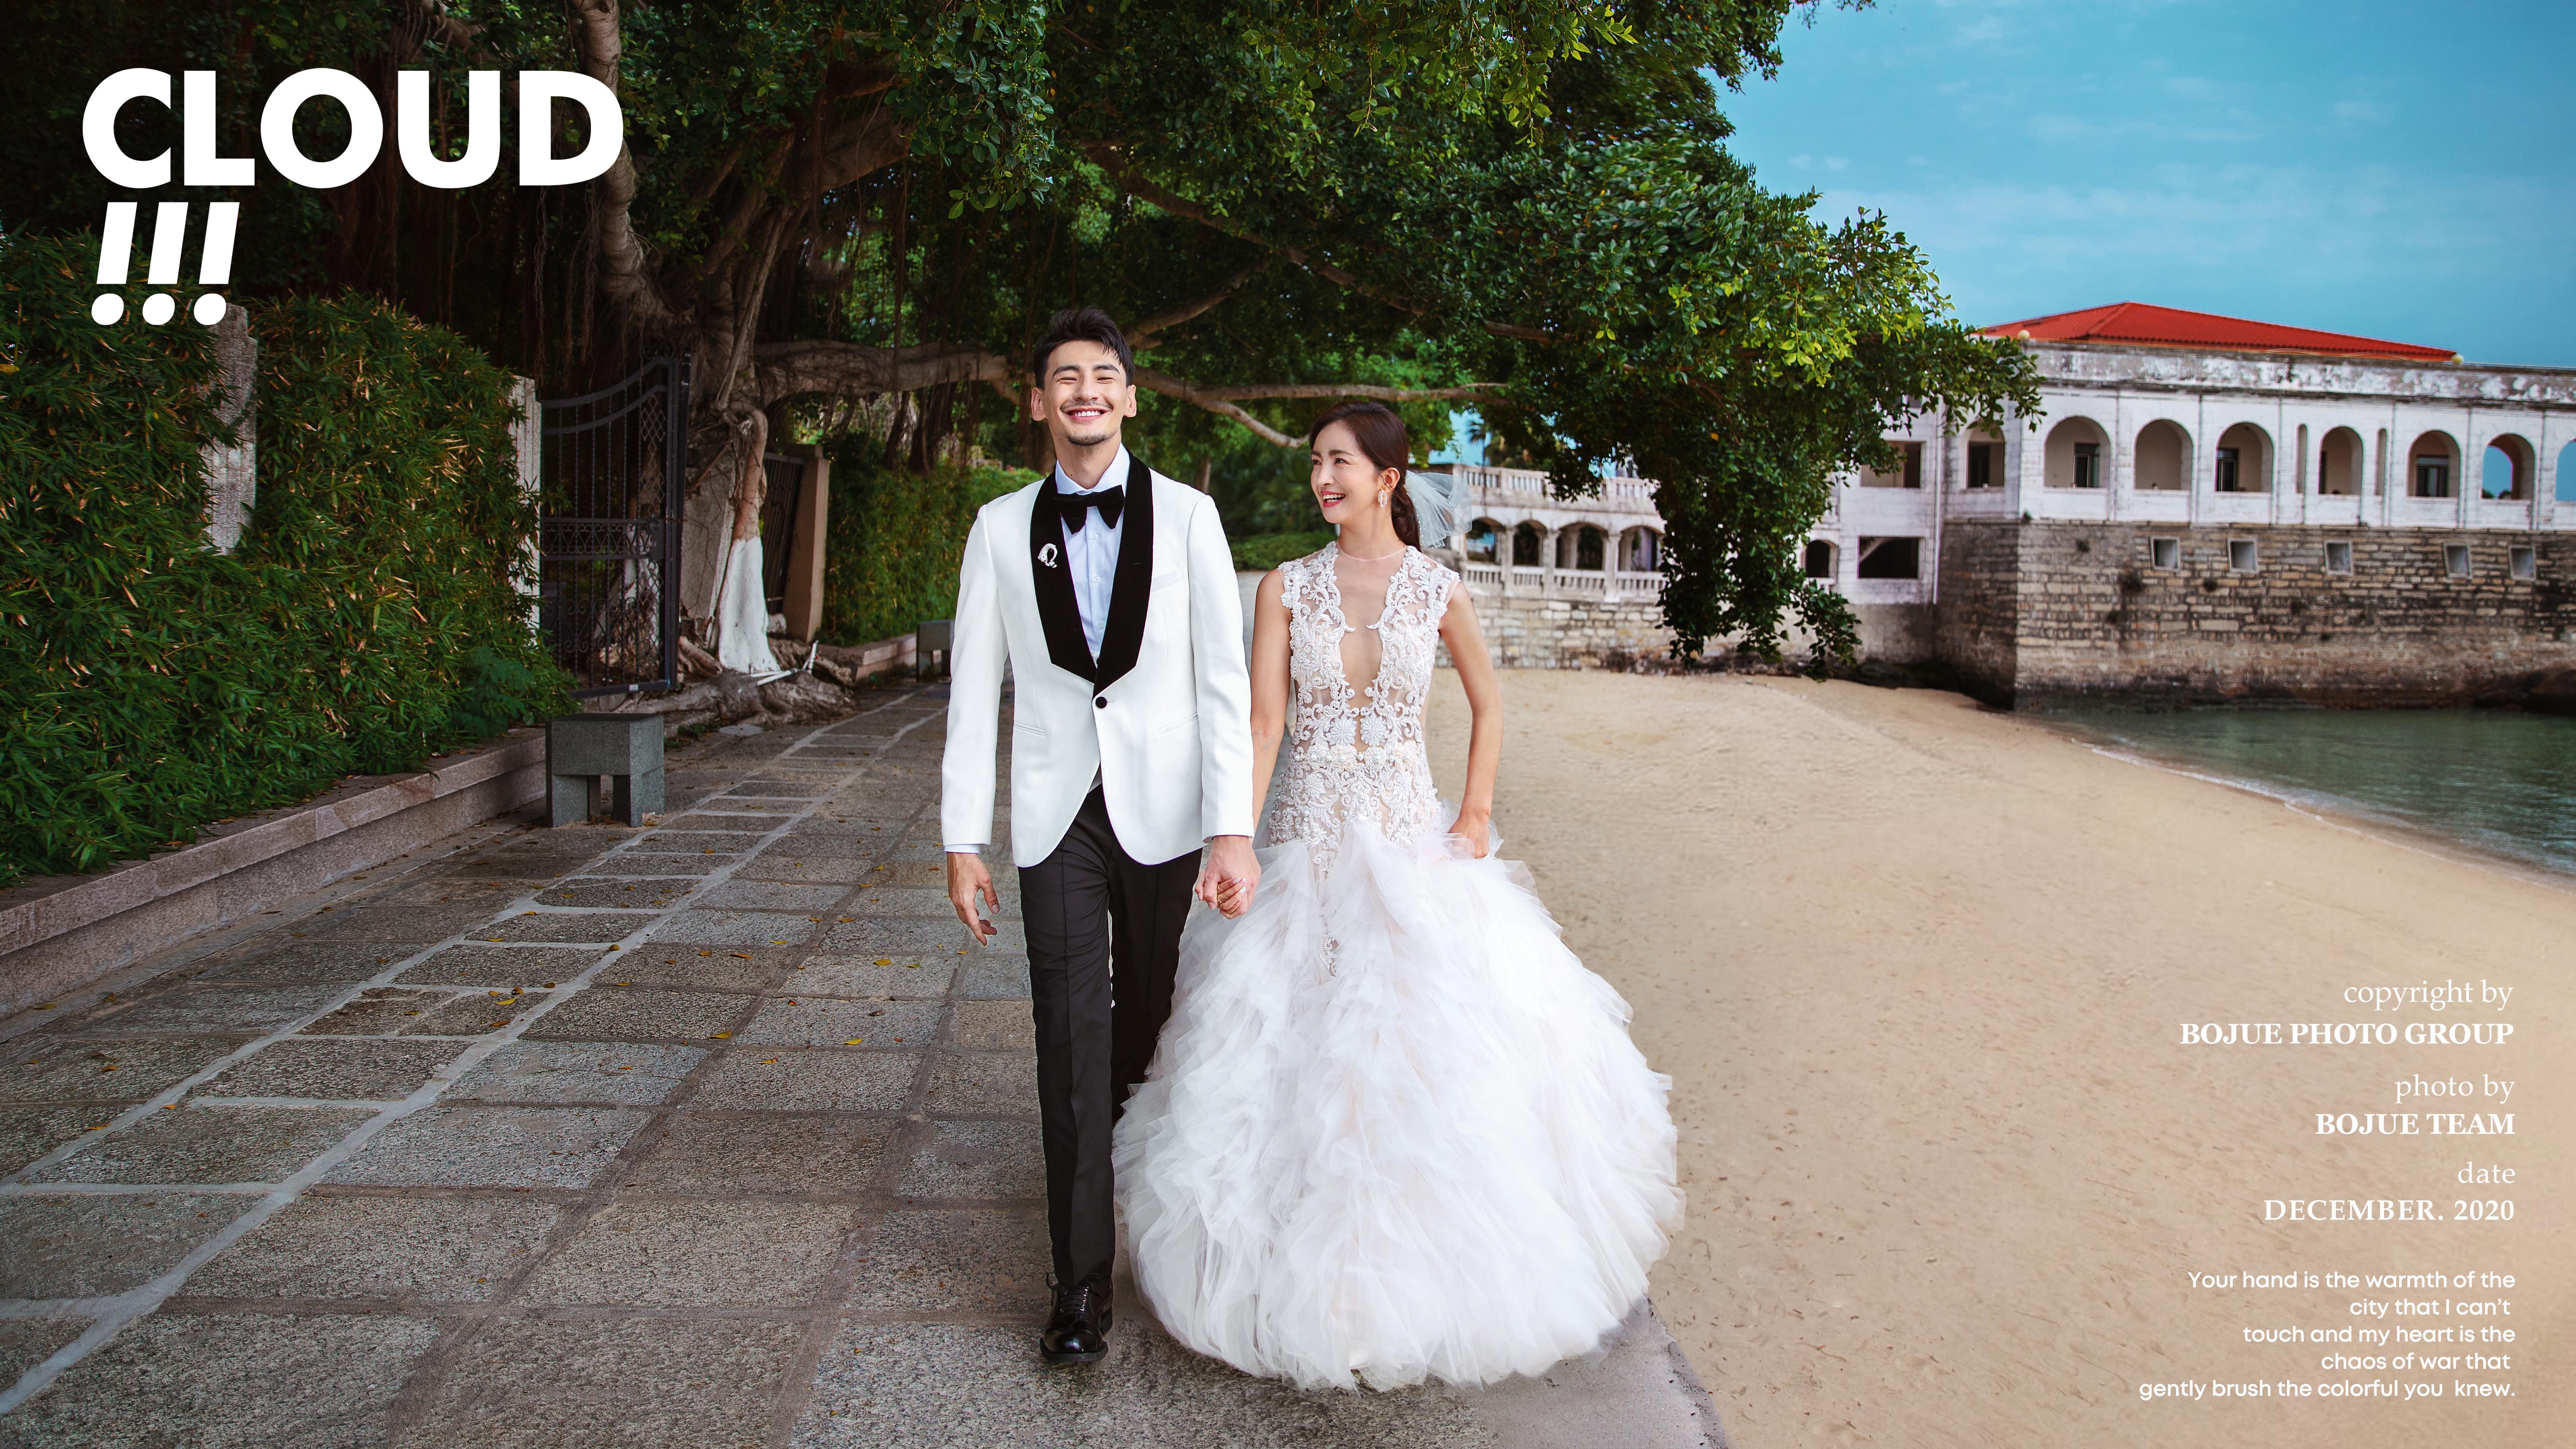 厦门婚纱照 秋季厦门婚纱摄影取景地点有哪些推荐?